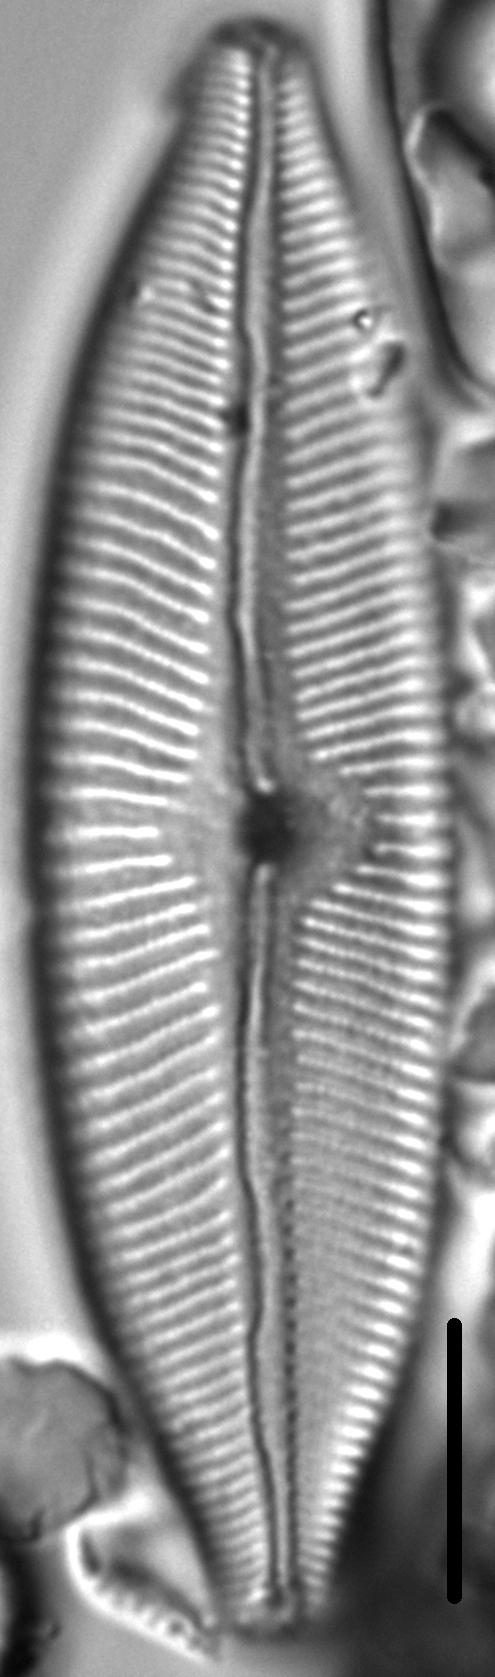 Cymbopleura tynnii LM5